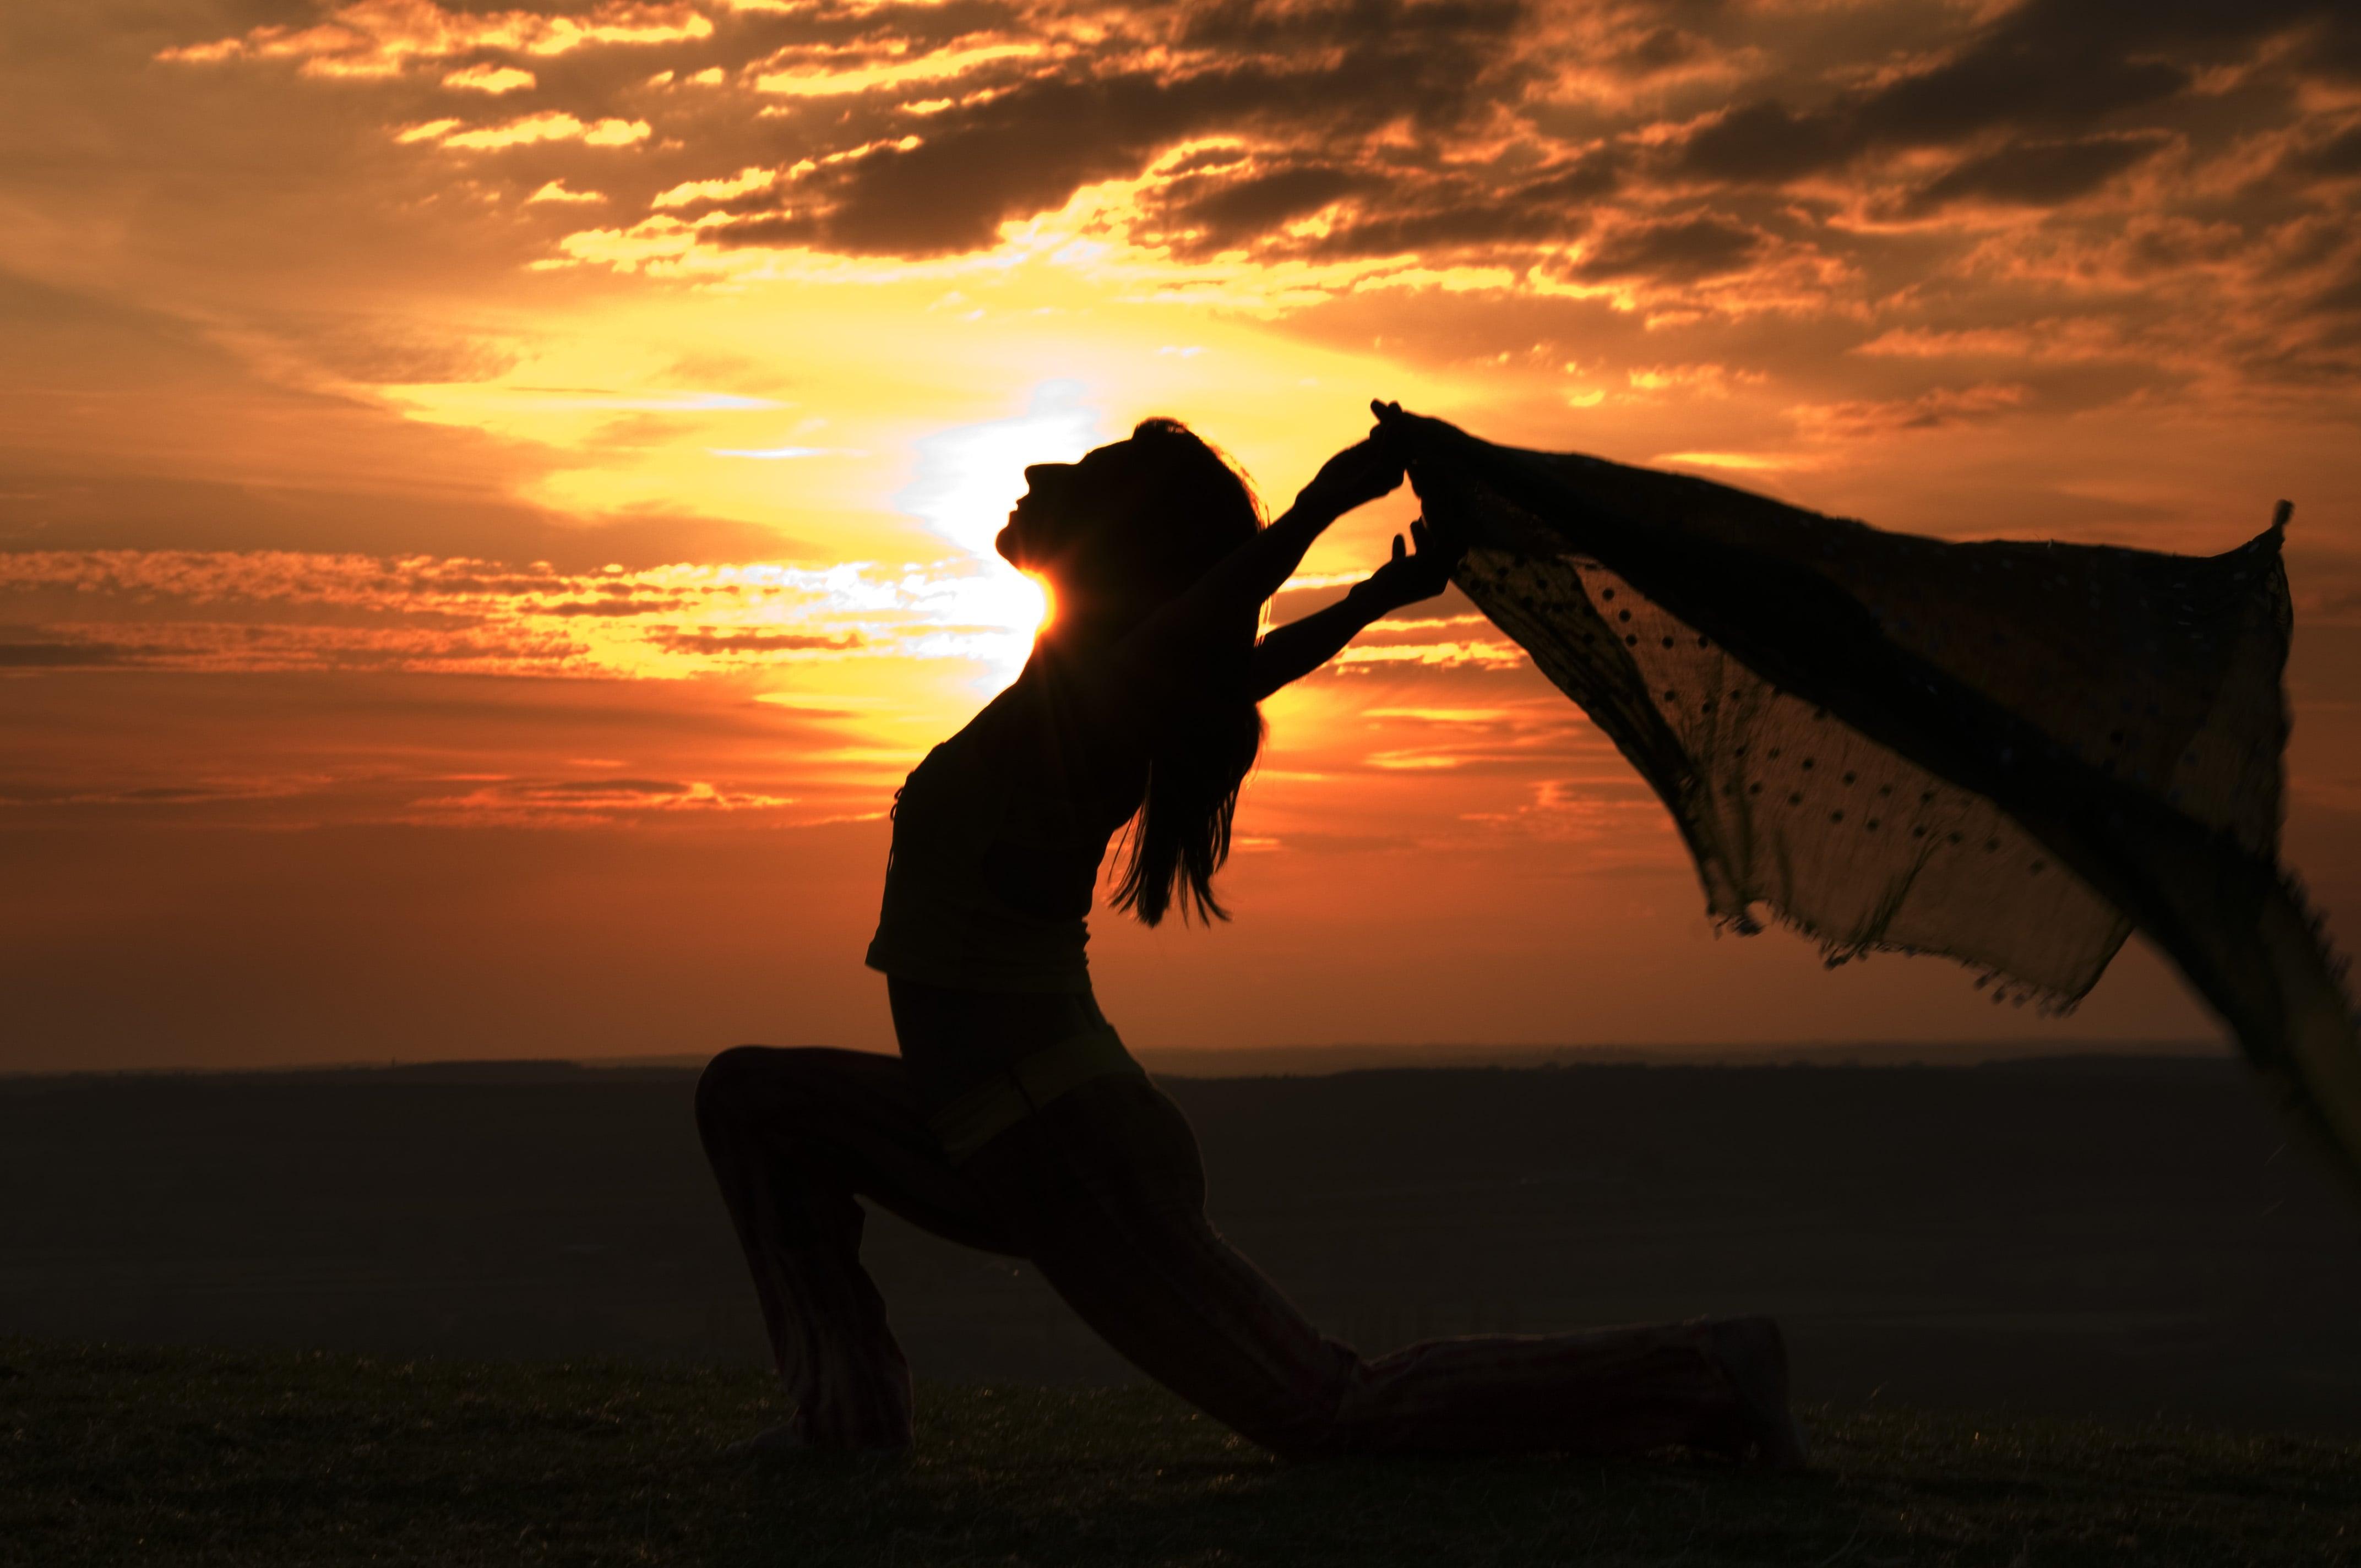 silueta de una mujer con un pañuelo